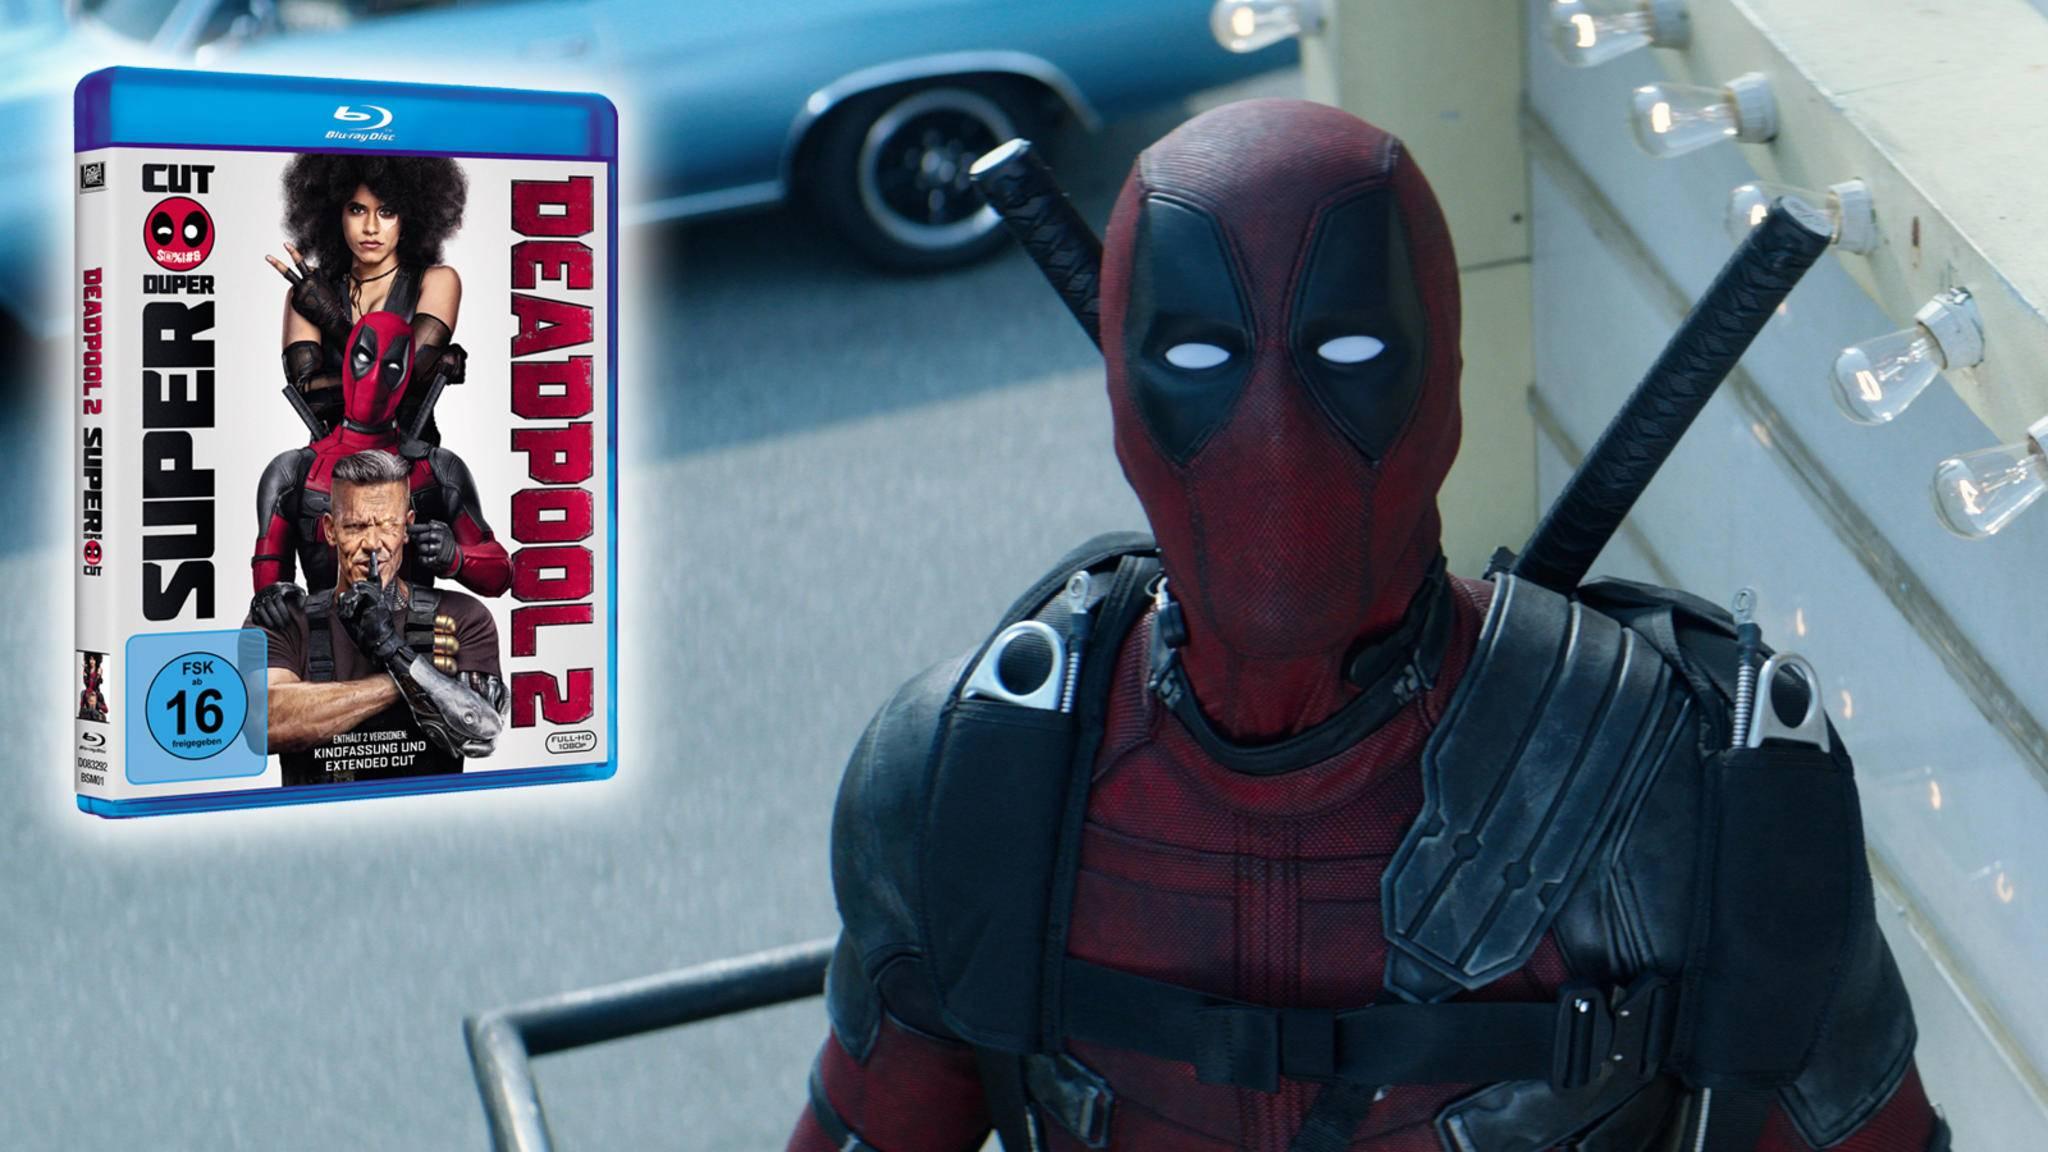 """Einige Geheimnisse rund um """"Deadpool 2"""" hat der Söldner mit der großen Klappe für sich behalten – bis jetzt."""